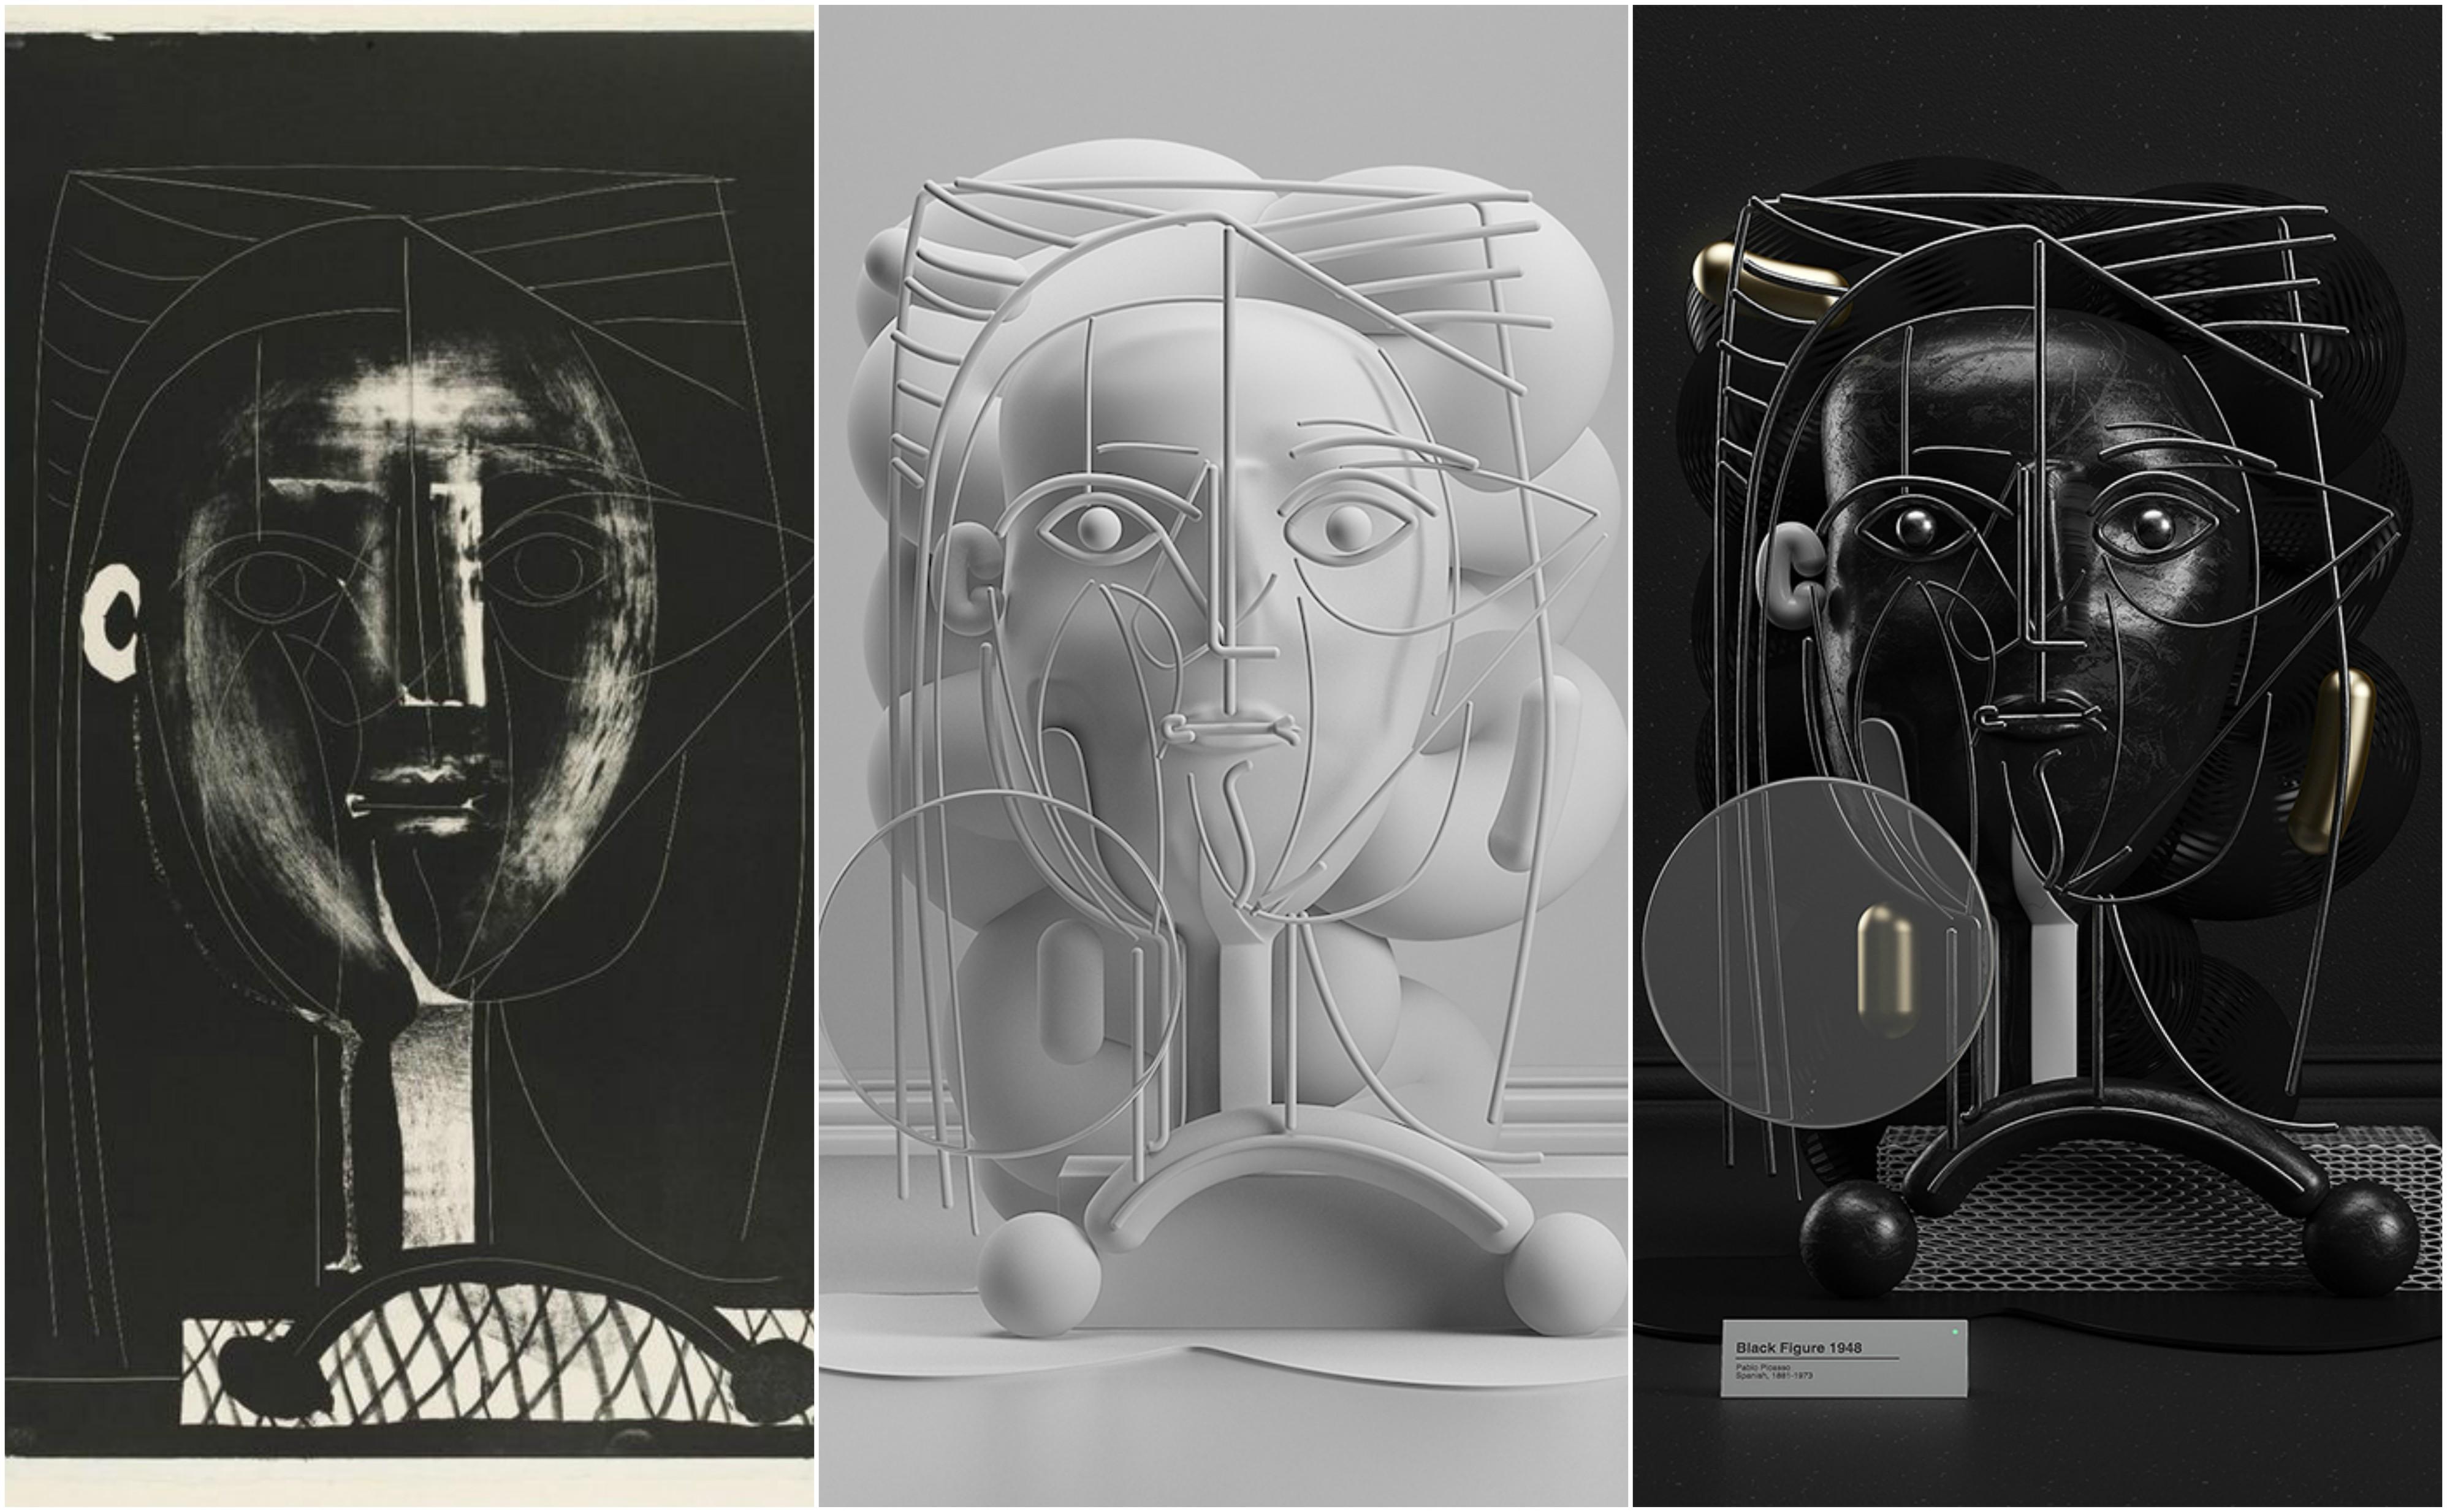 esculturas picasso 1